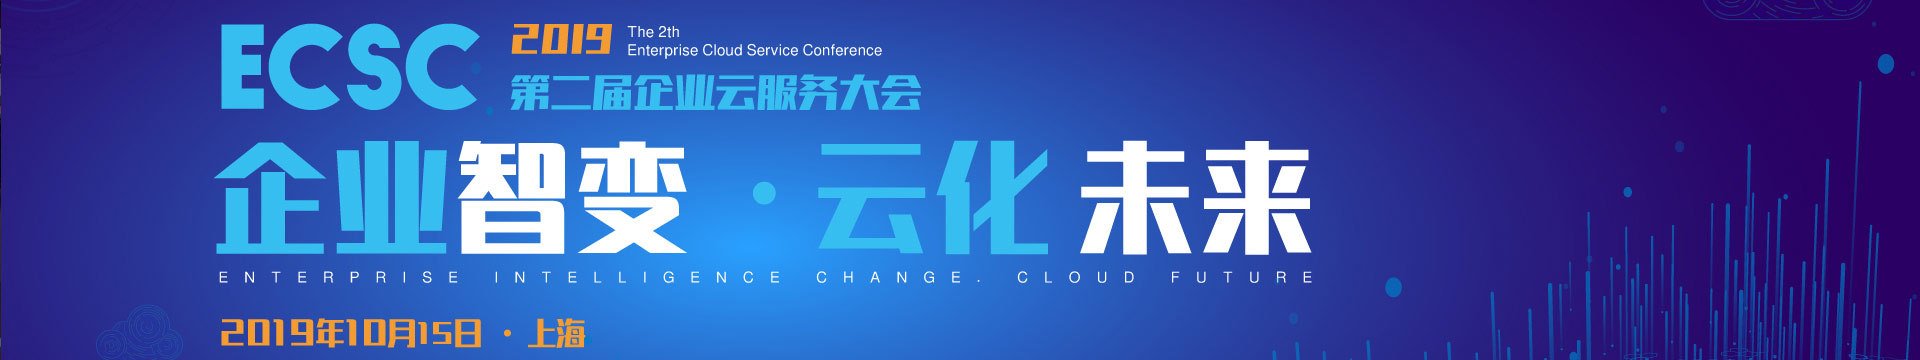 2019第二届企业云服务大会 -- 企业智变,云化未来(上海)